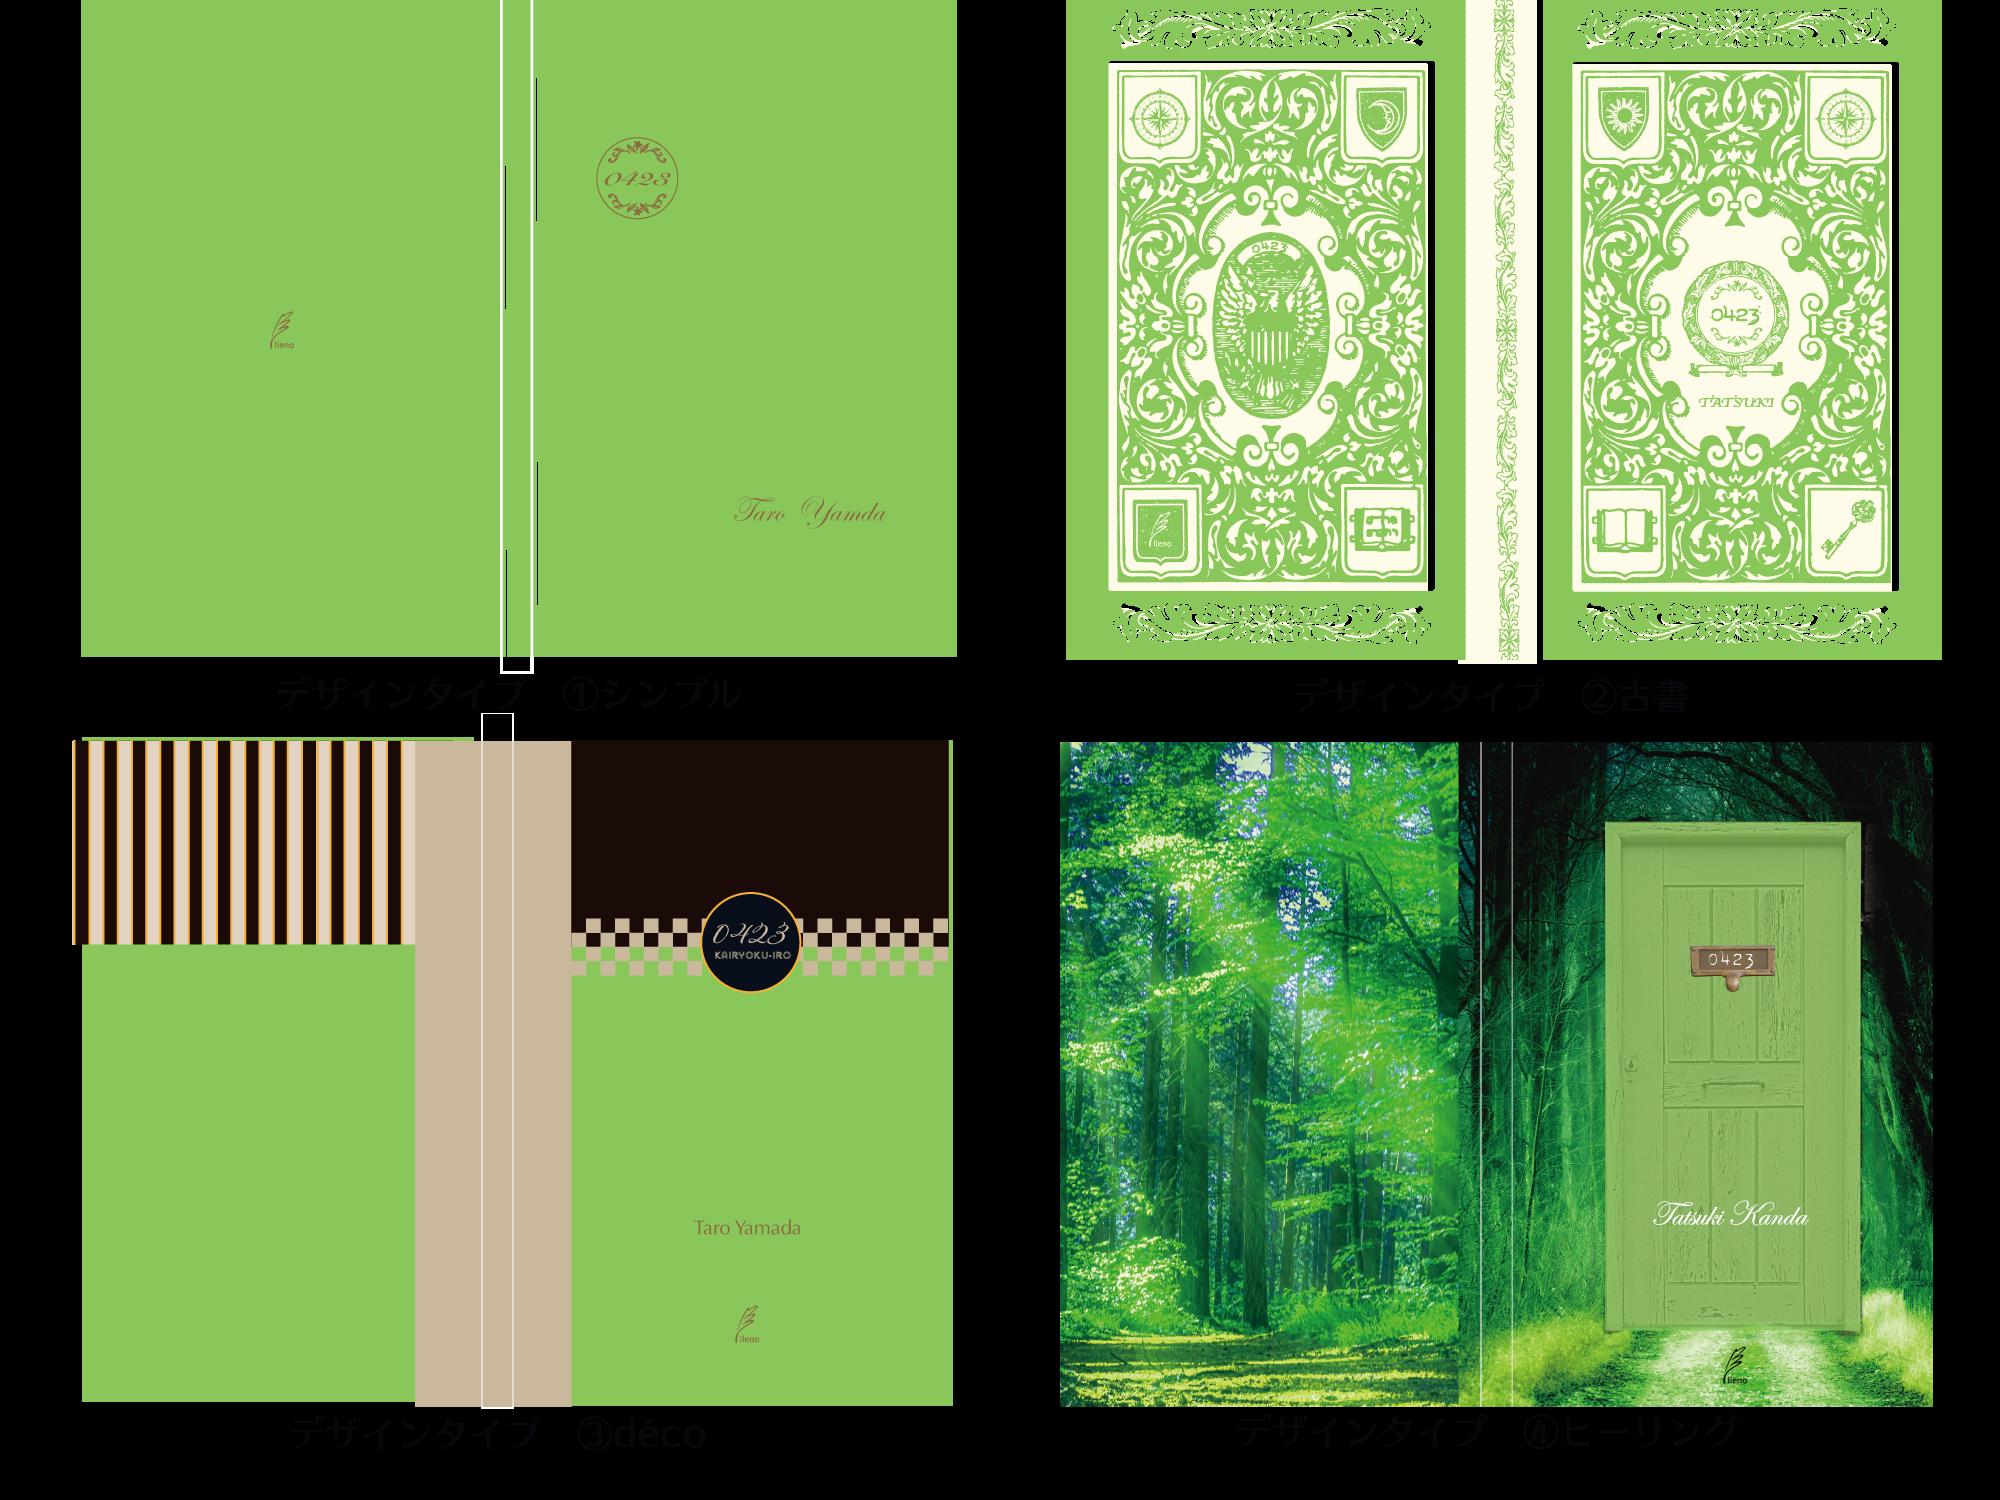 運命のノート 『4月23日 海緑色』(鑑定&メッセージカード付)